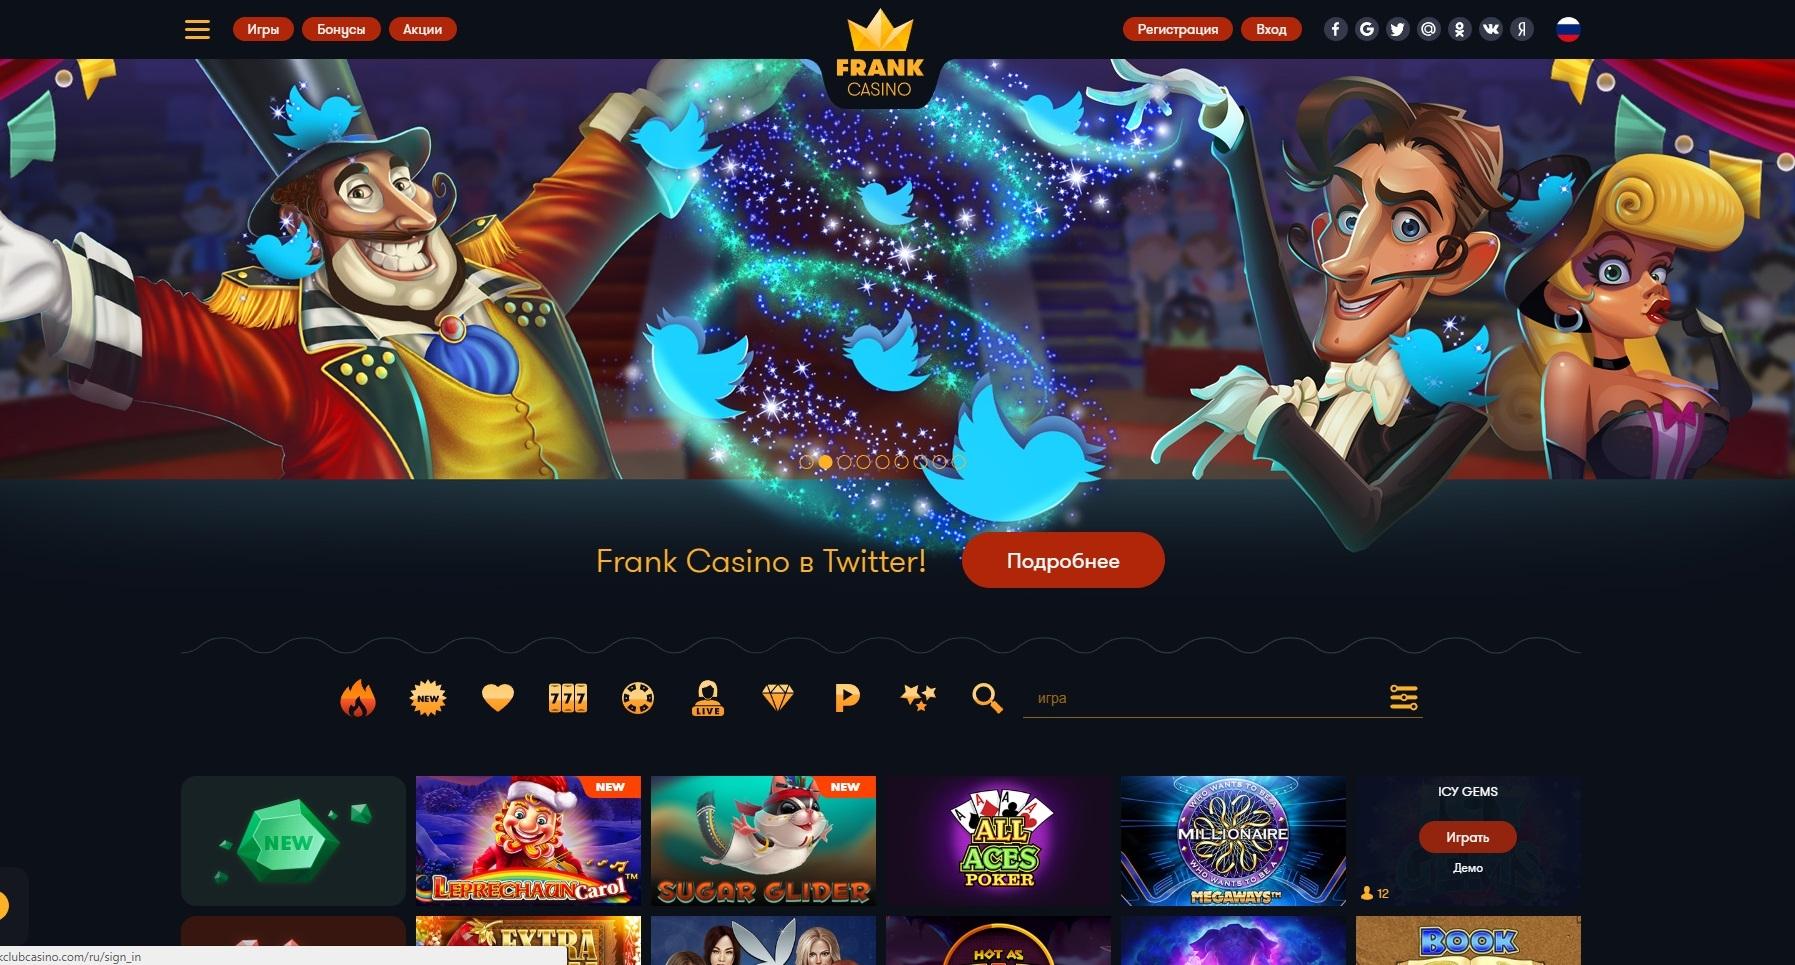 купоны франк казино